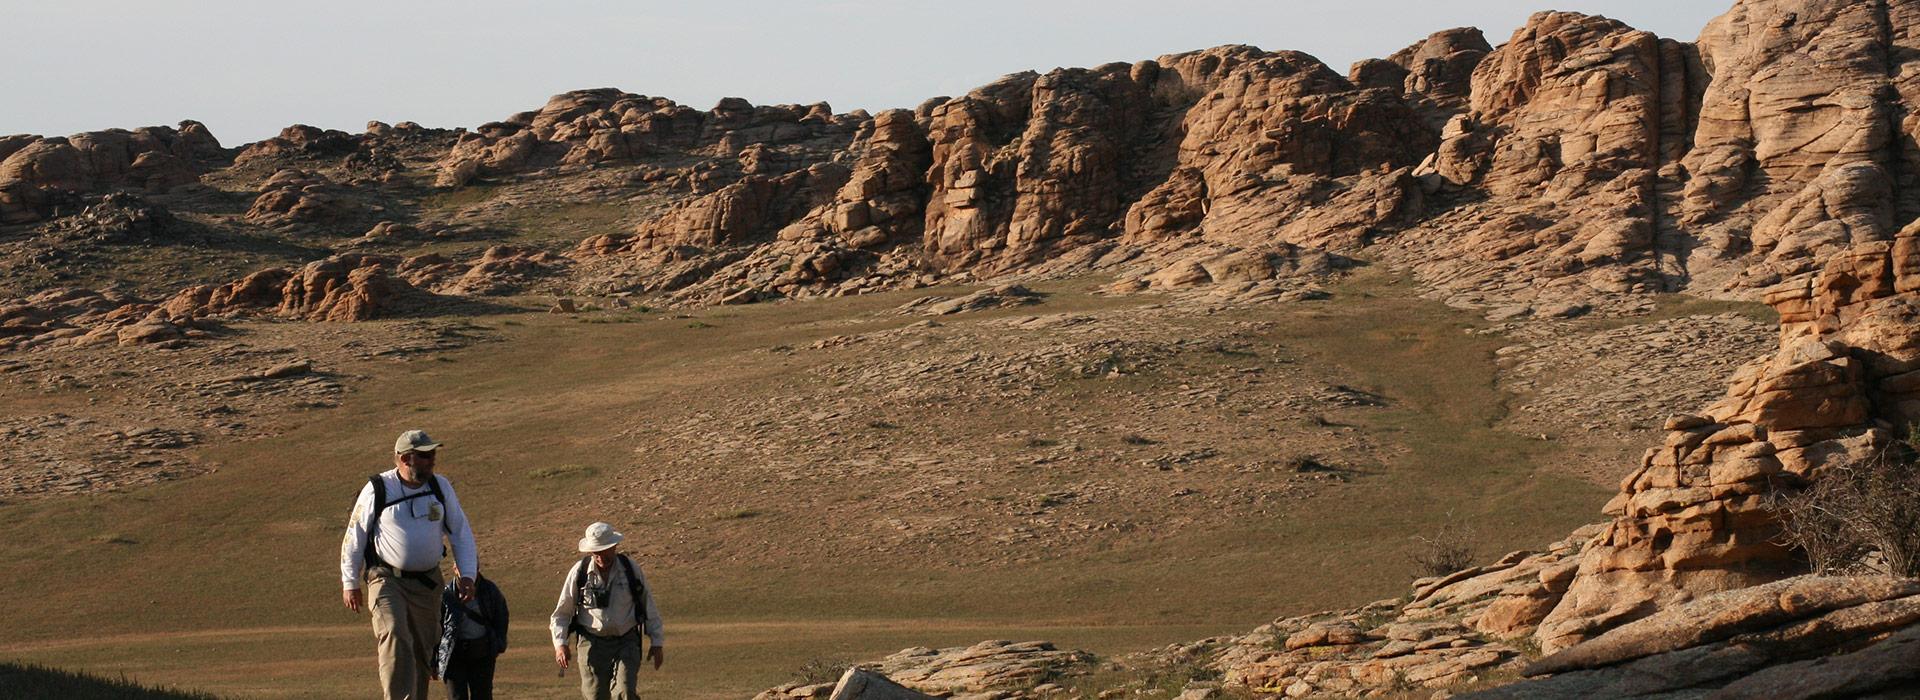 gobi-gurvansaikhan-national-park